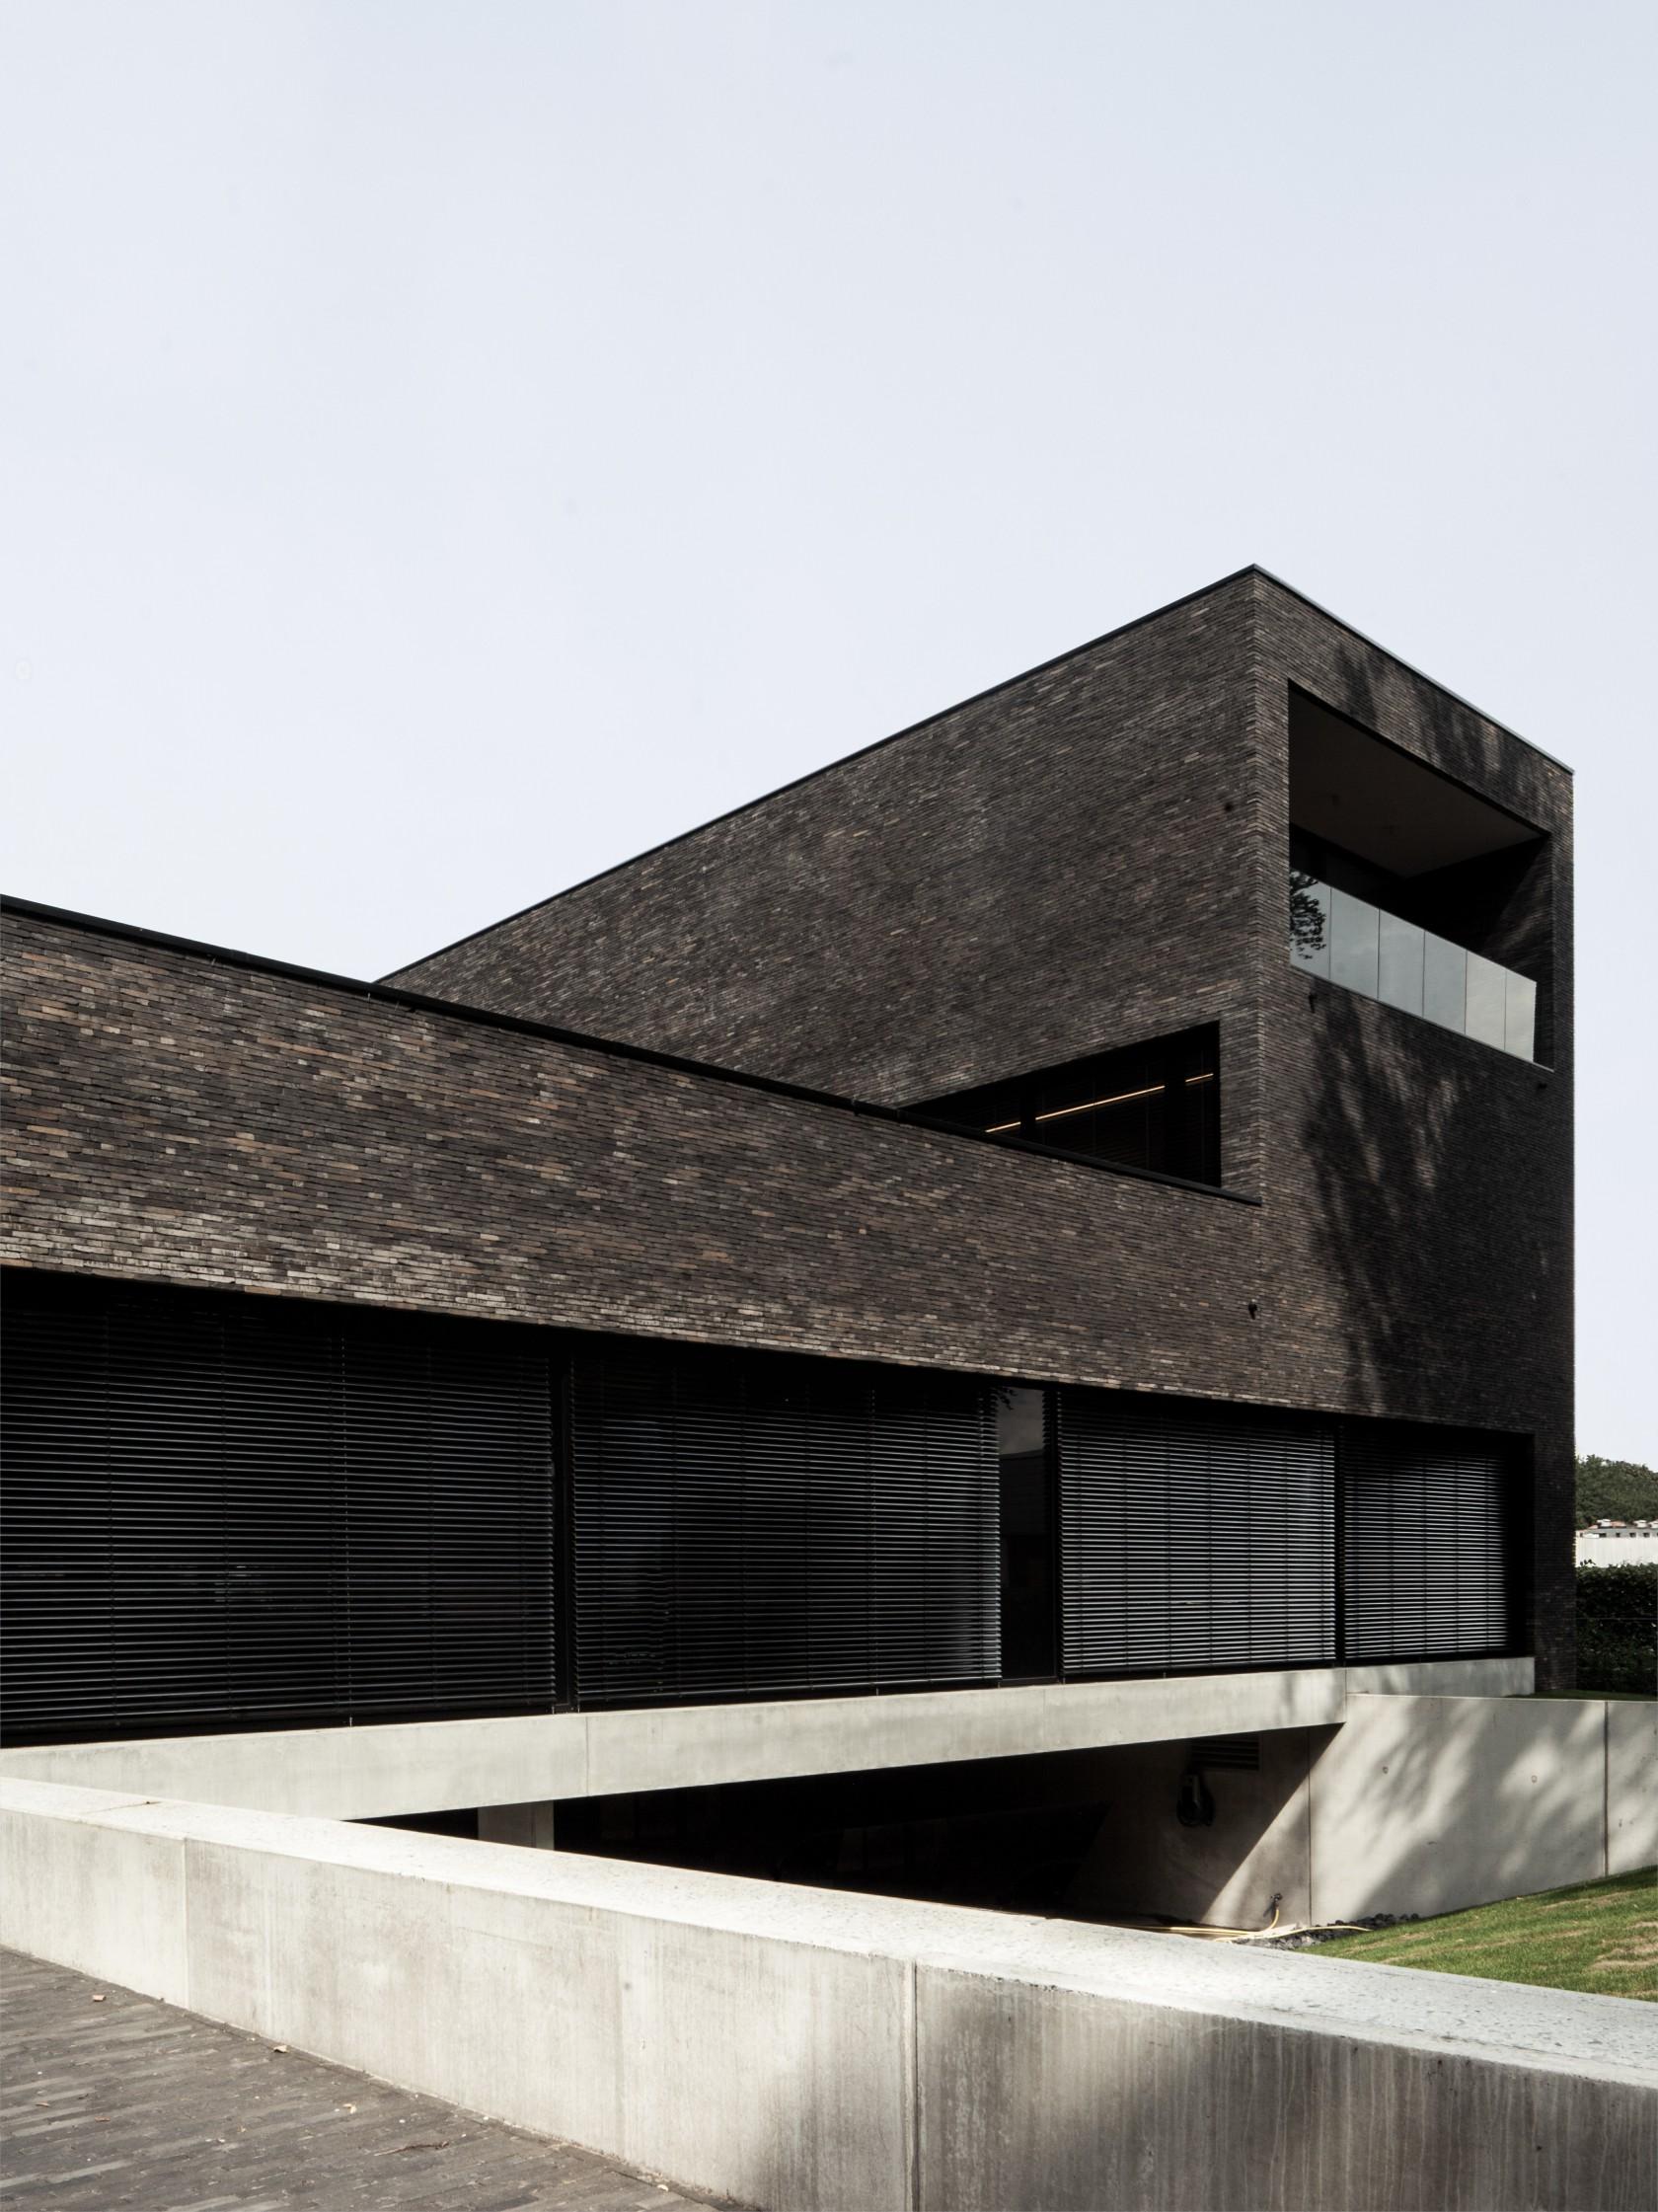 Abscis Architecten - Dunkler Backstein lässt den Bau massiv und verschlossen wirken - foto Jeroen Verrecht